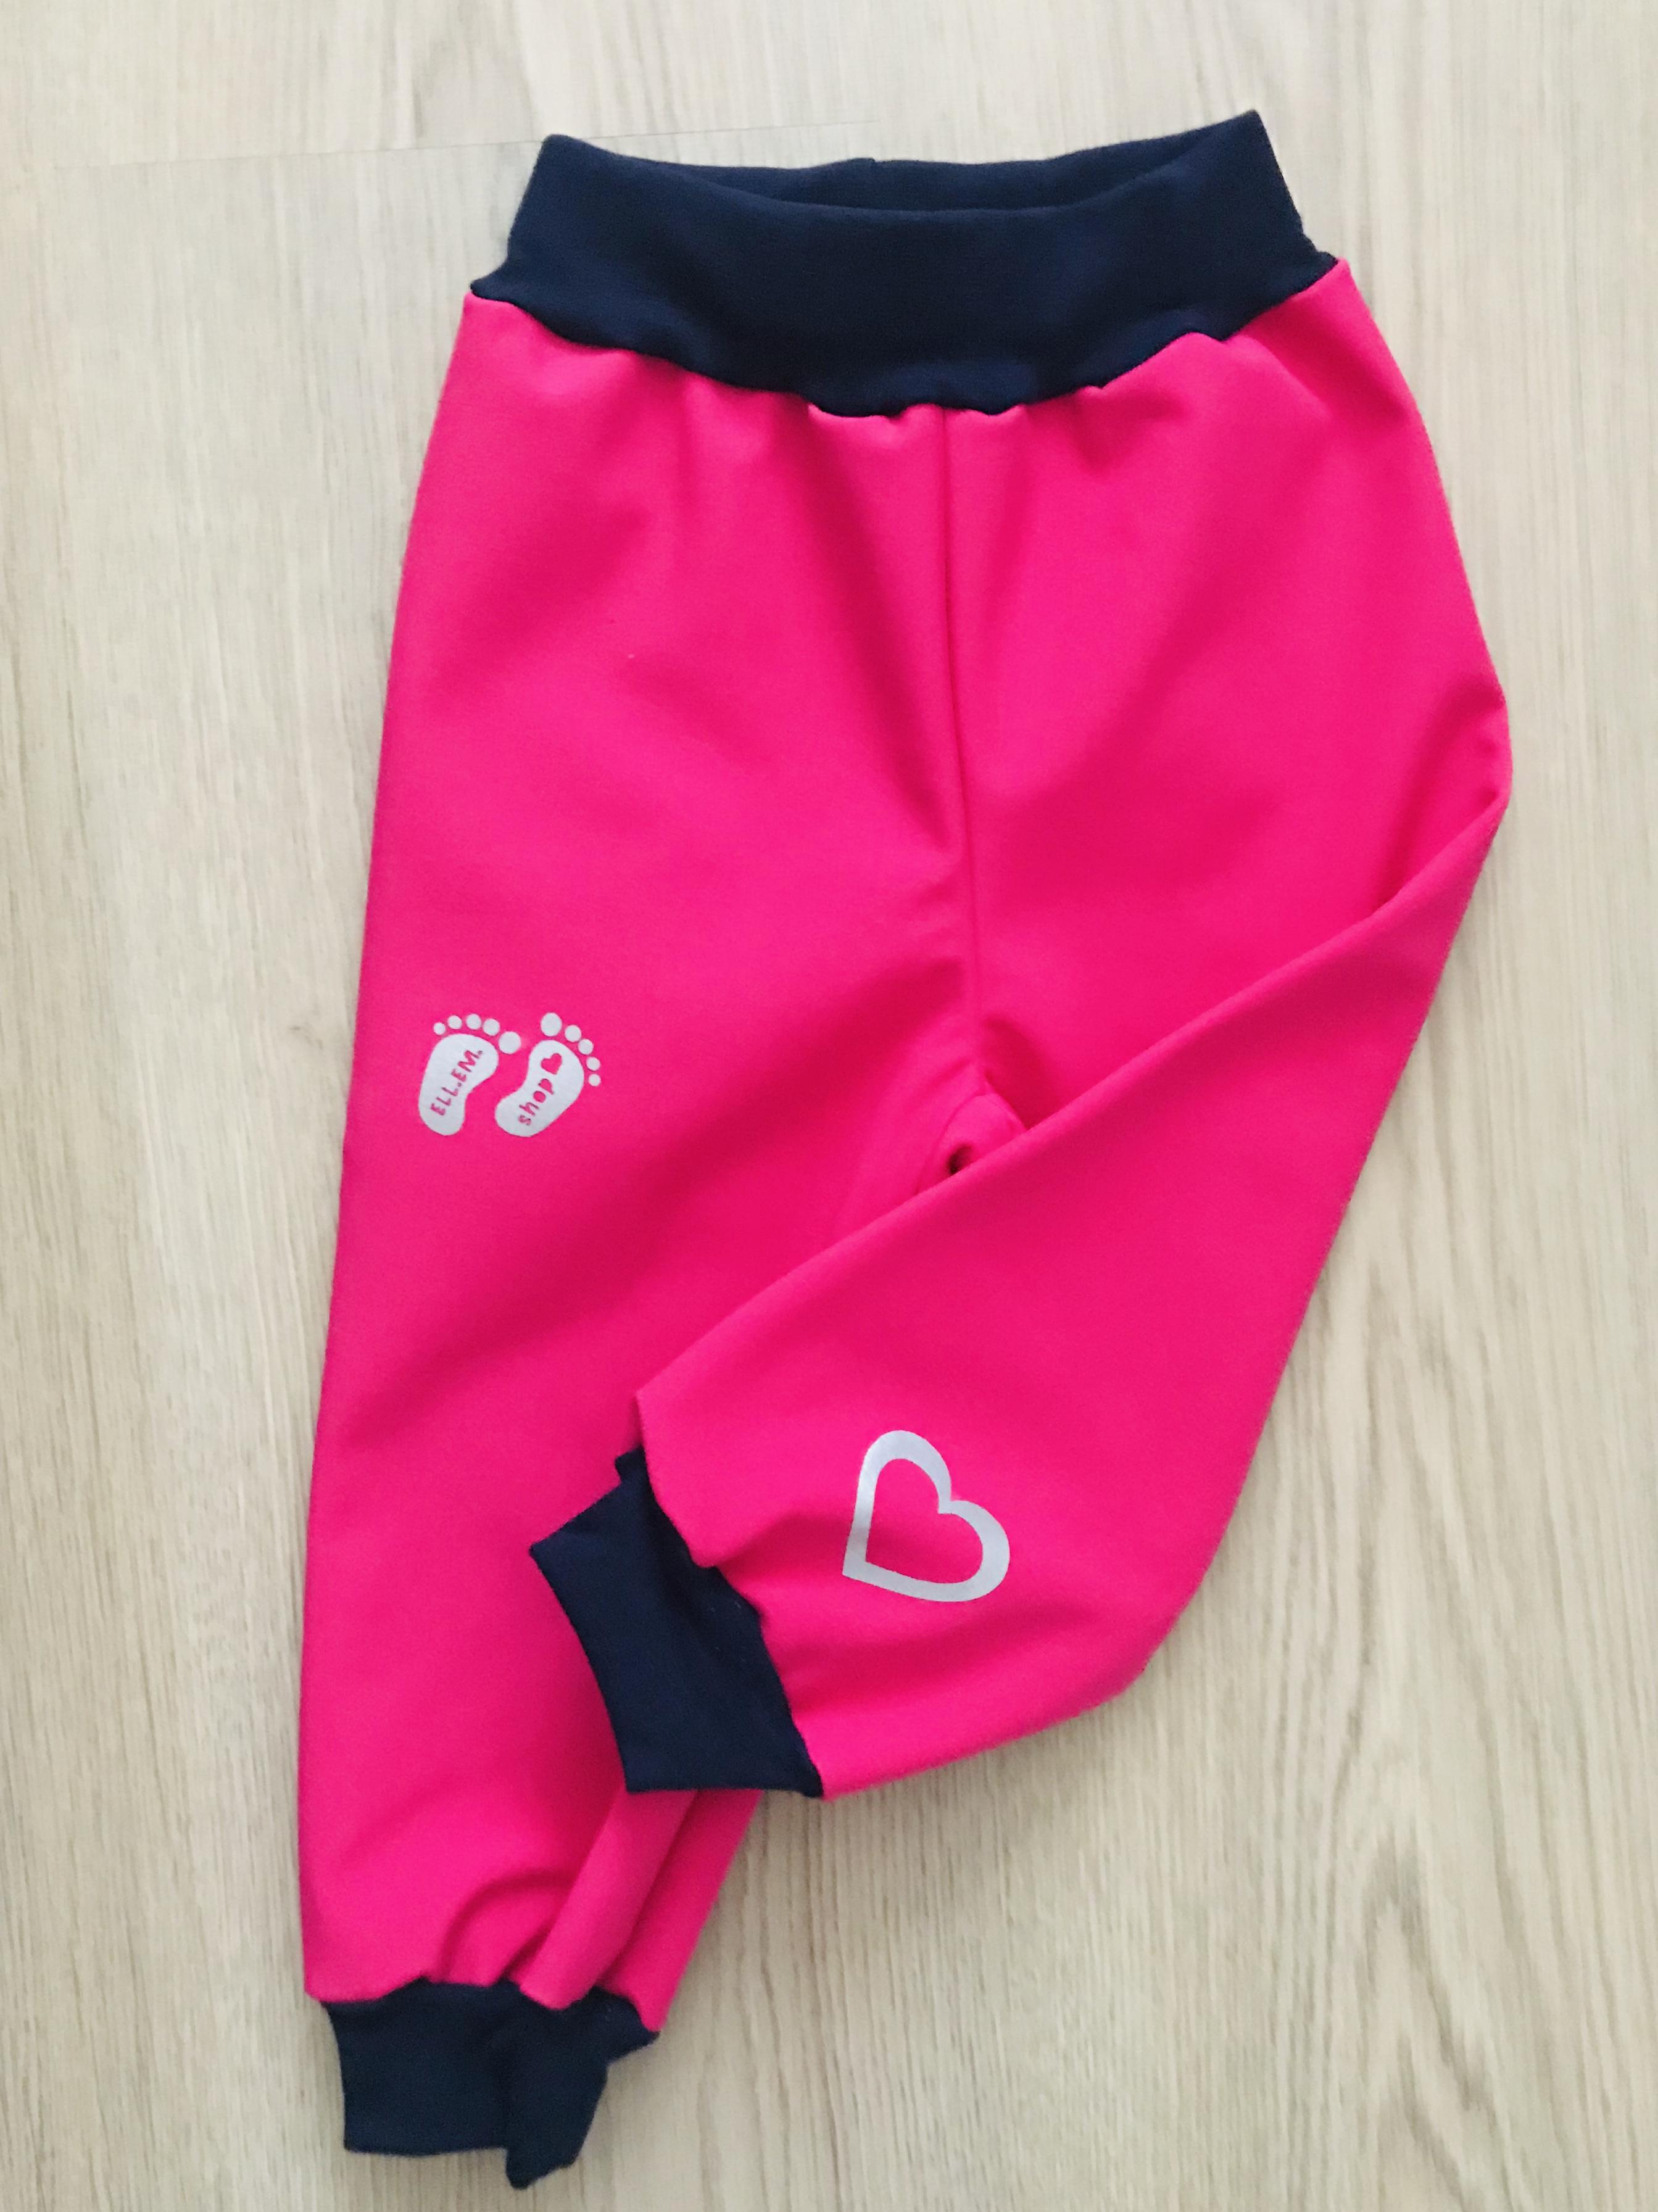 bba8c025343 Softshellové kalhoty pro děti Velikost  80